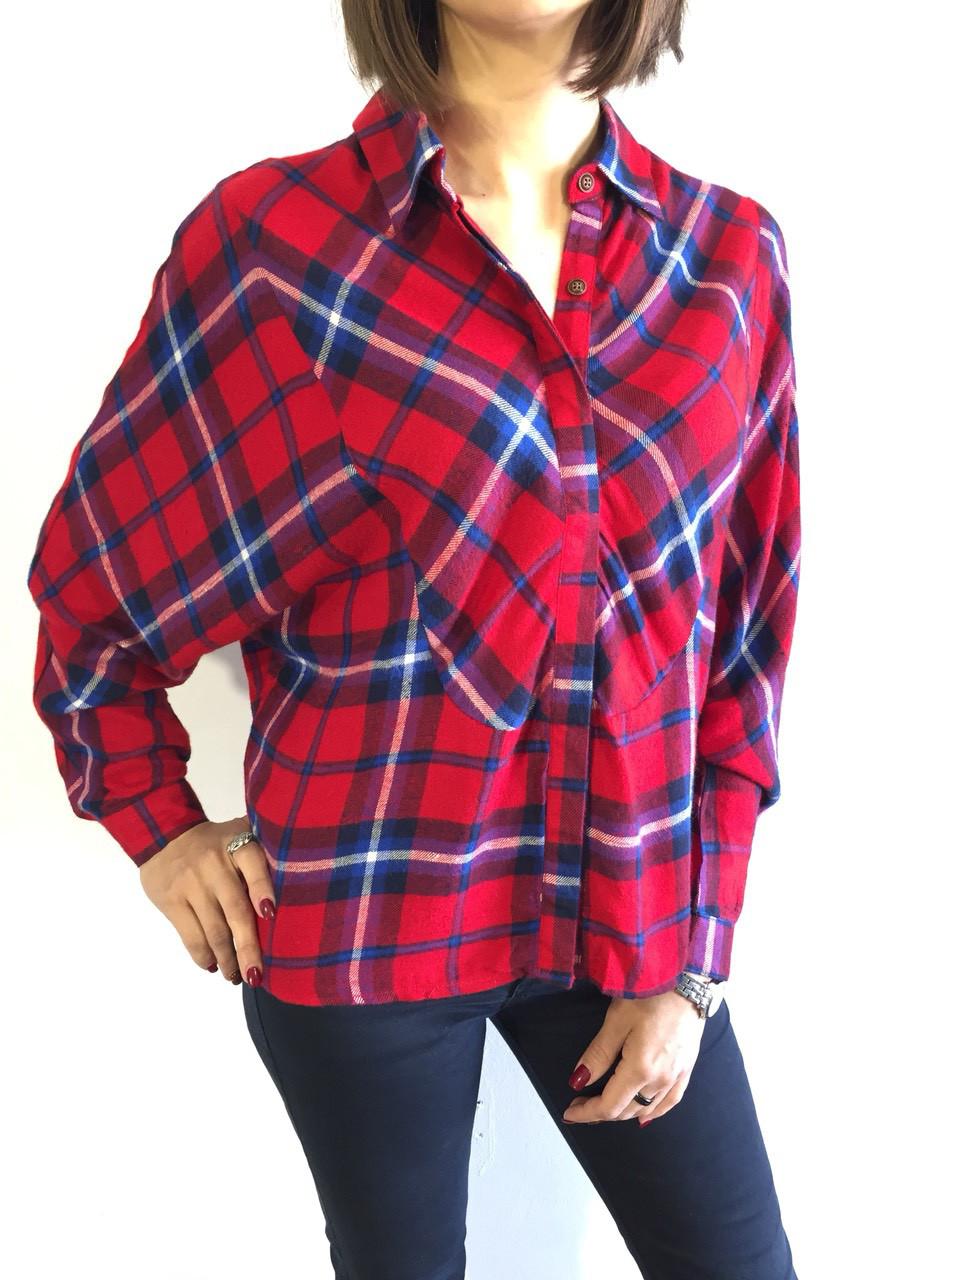 e8f149173b4 Рубашка женская клетчатая красная 7837 M - ОПТ И РОЗНИЦА ПО НИЗКИМ ЦЕНАМ в  Павлограде